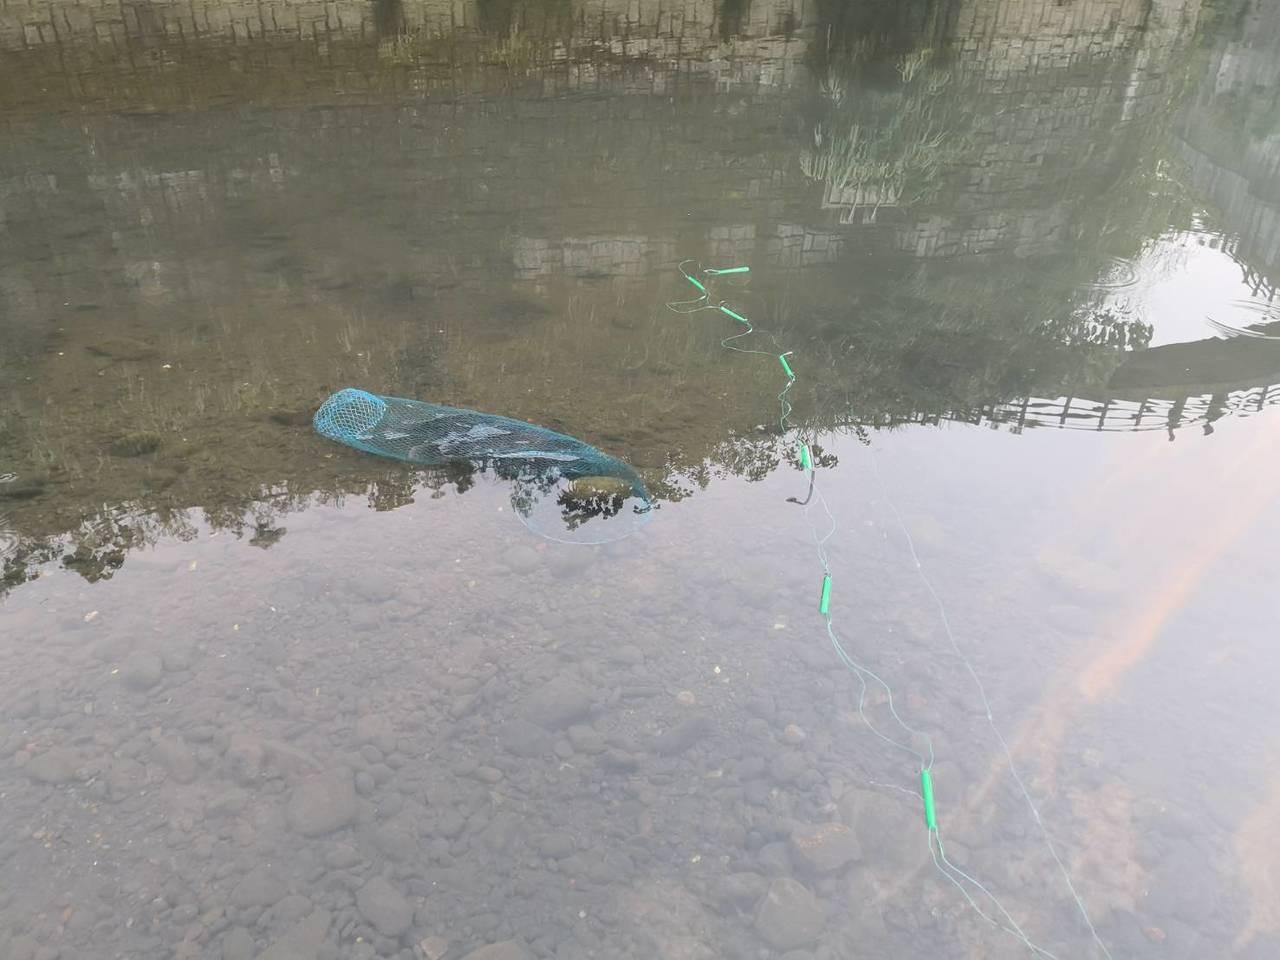 新北市消防局今天下午5點左右獲報,深坑區平埔街旁景美溪,疑似有人溺水,消防人員趕...